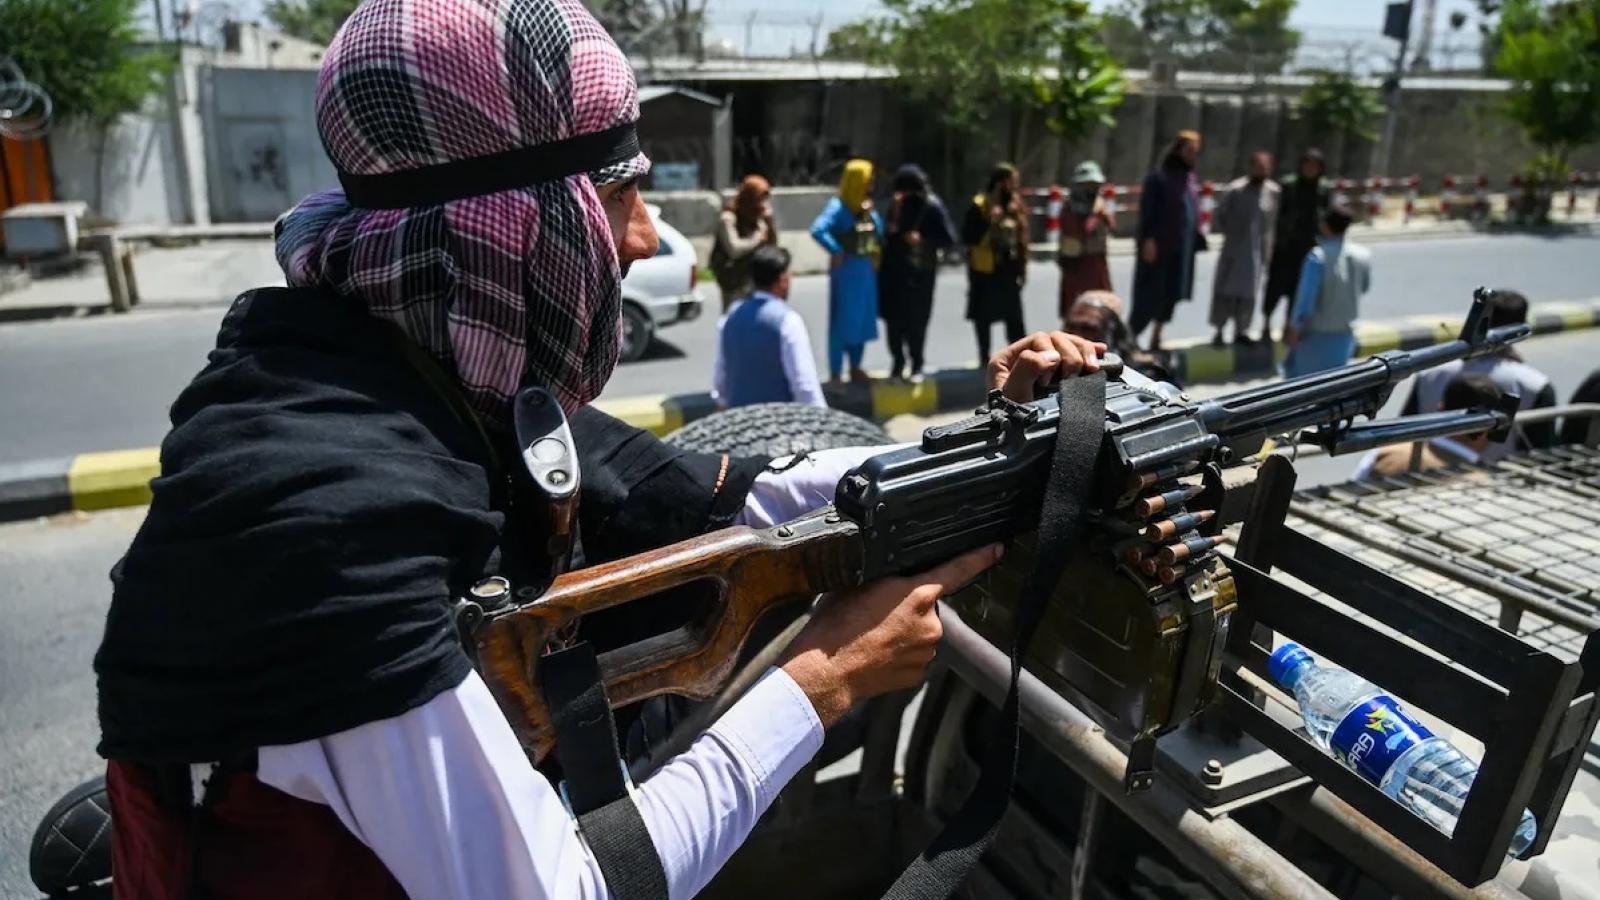 Taliban yêu cầu dân nộp vũ khí, Iraq bác bỏ lặp lại kịch bản Afghanistan, IS tái xuất